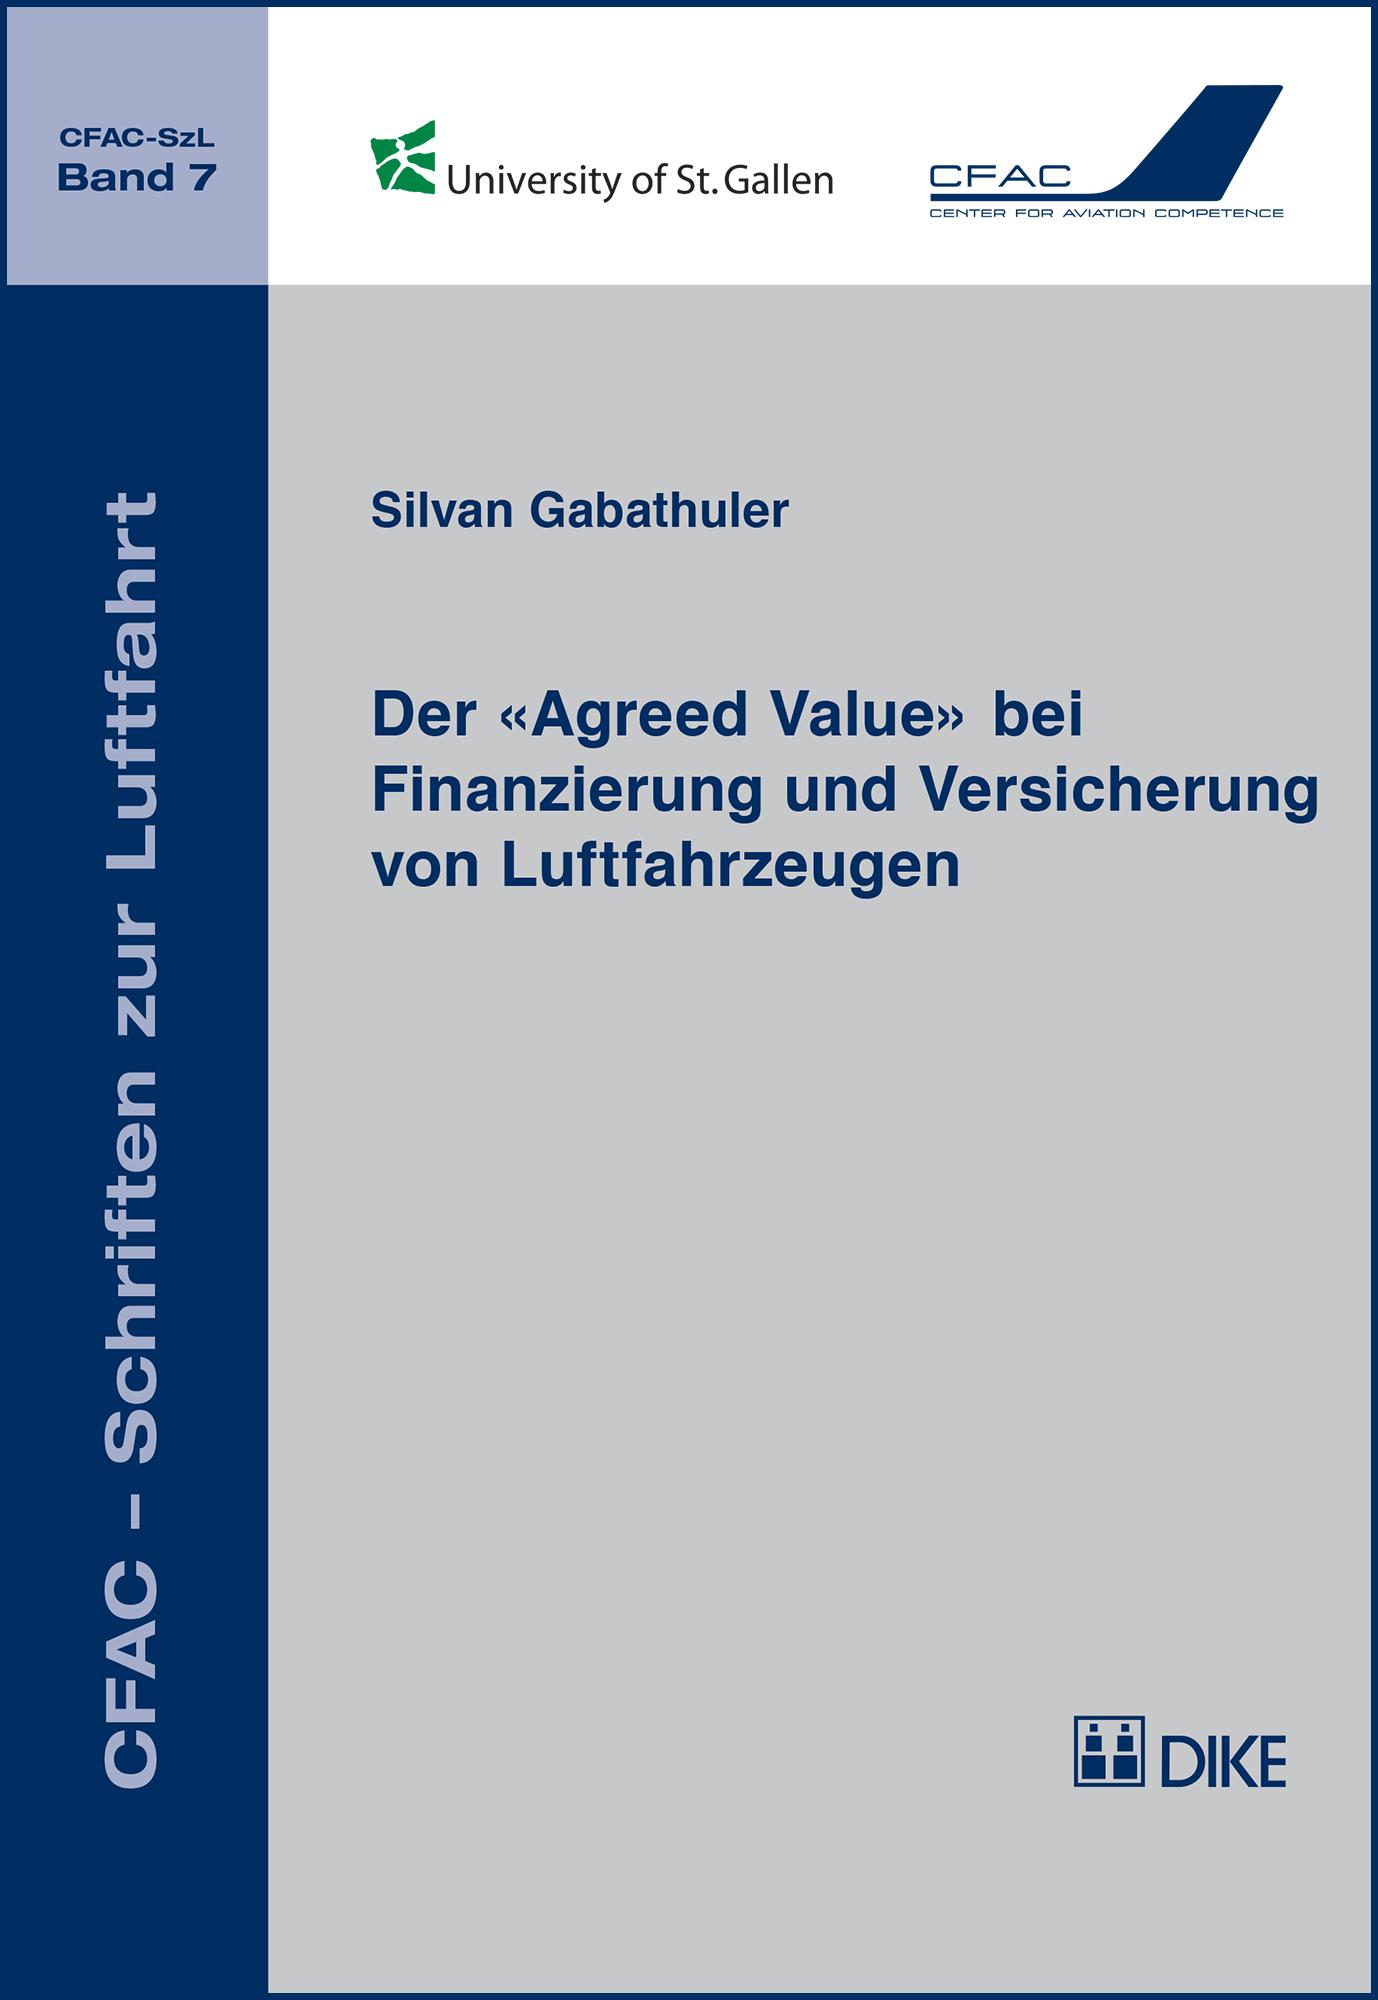 Der «Agreed Value» bei Finanzierung und Versicherung von Luftfahrzeugen